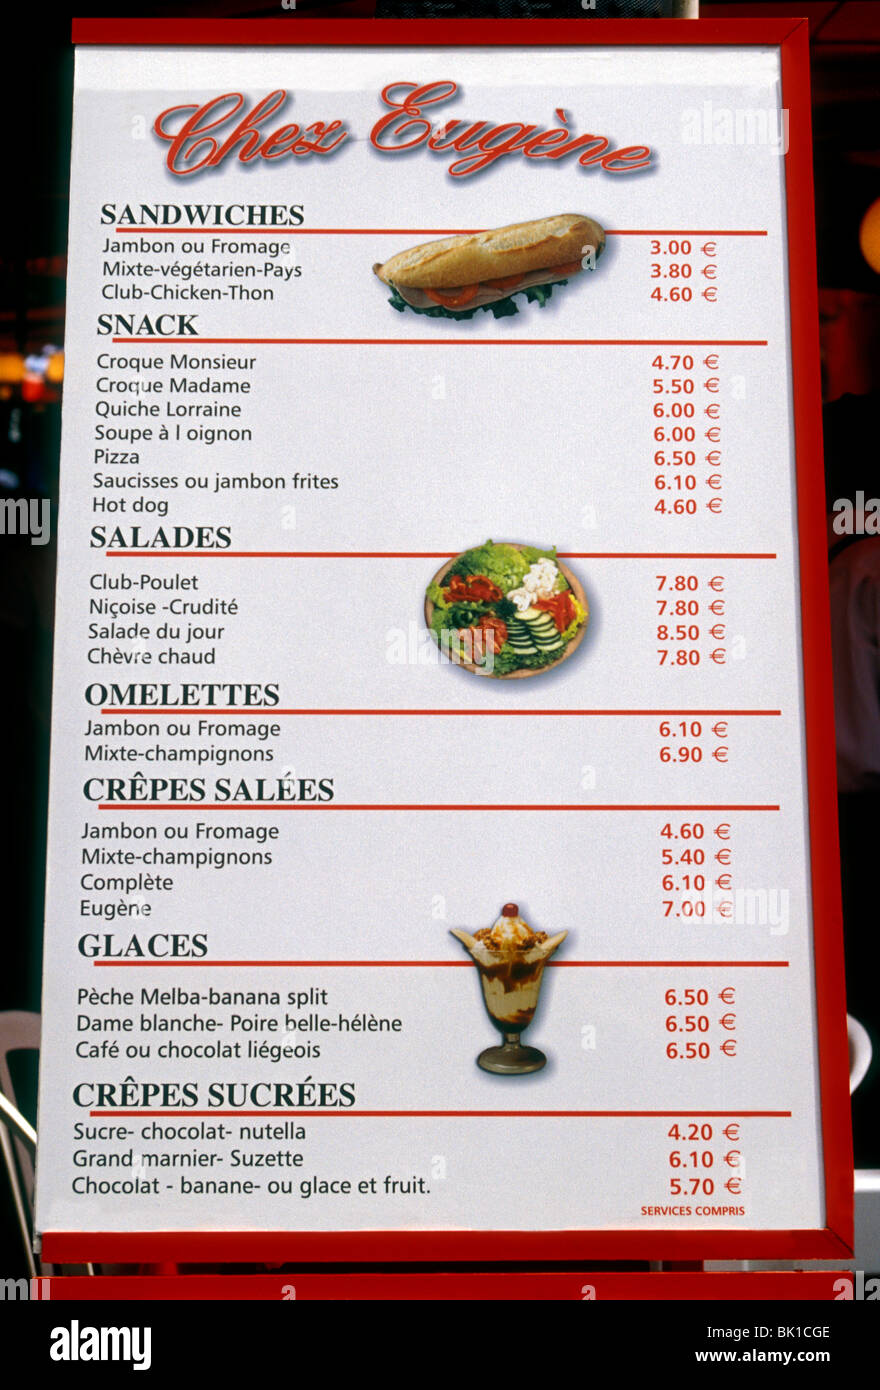 menu, chez eugene restaurant, chez eugene, french restaurant, french